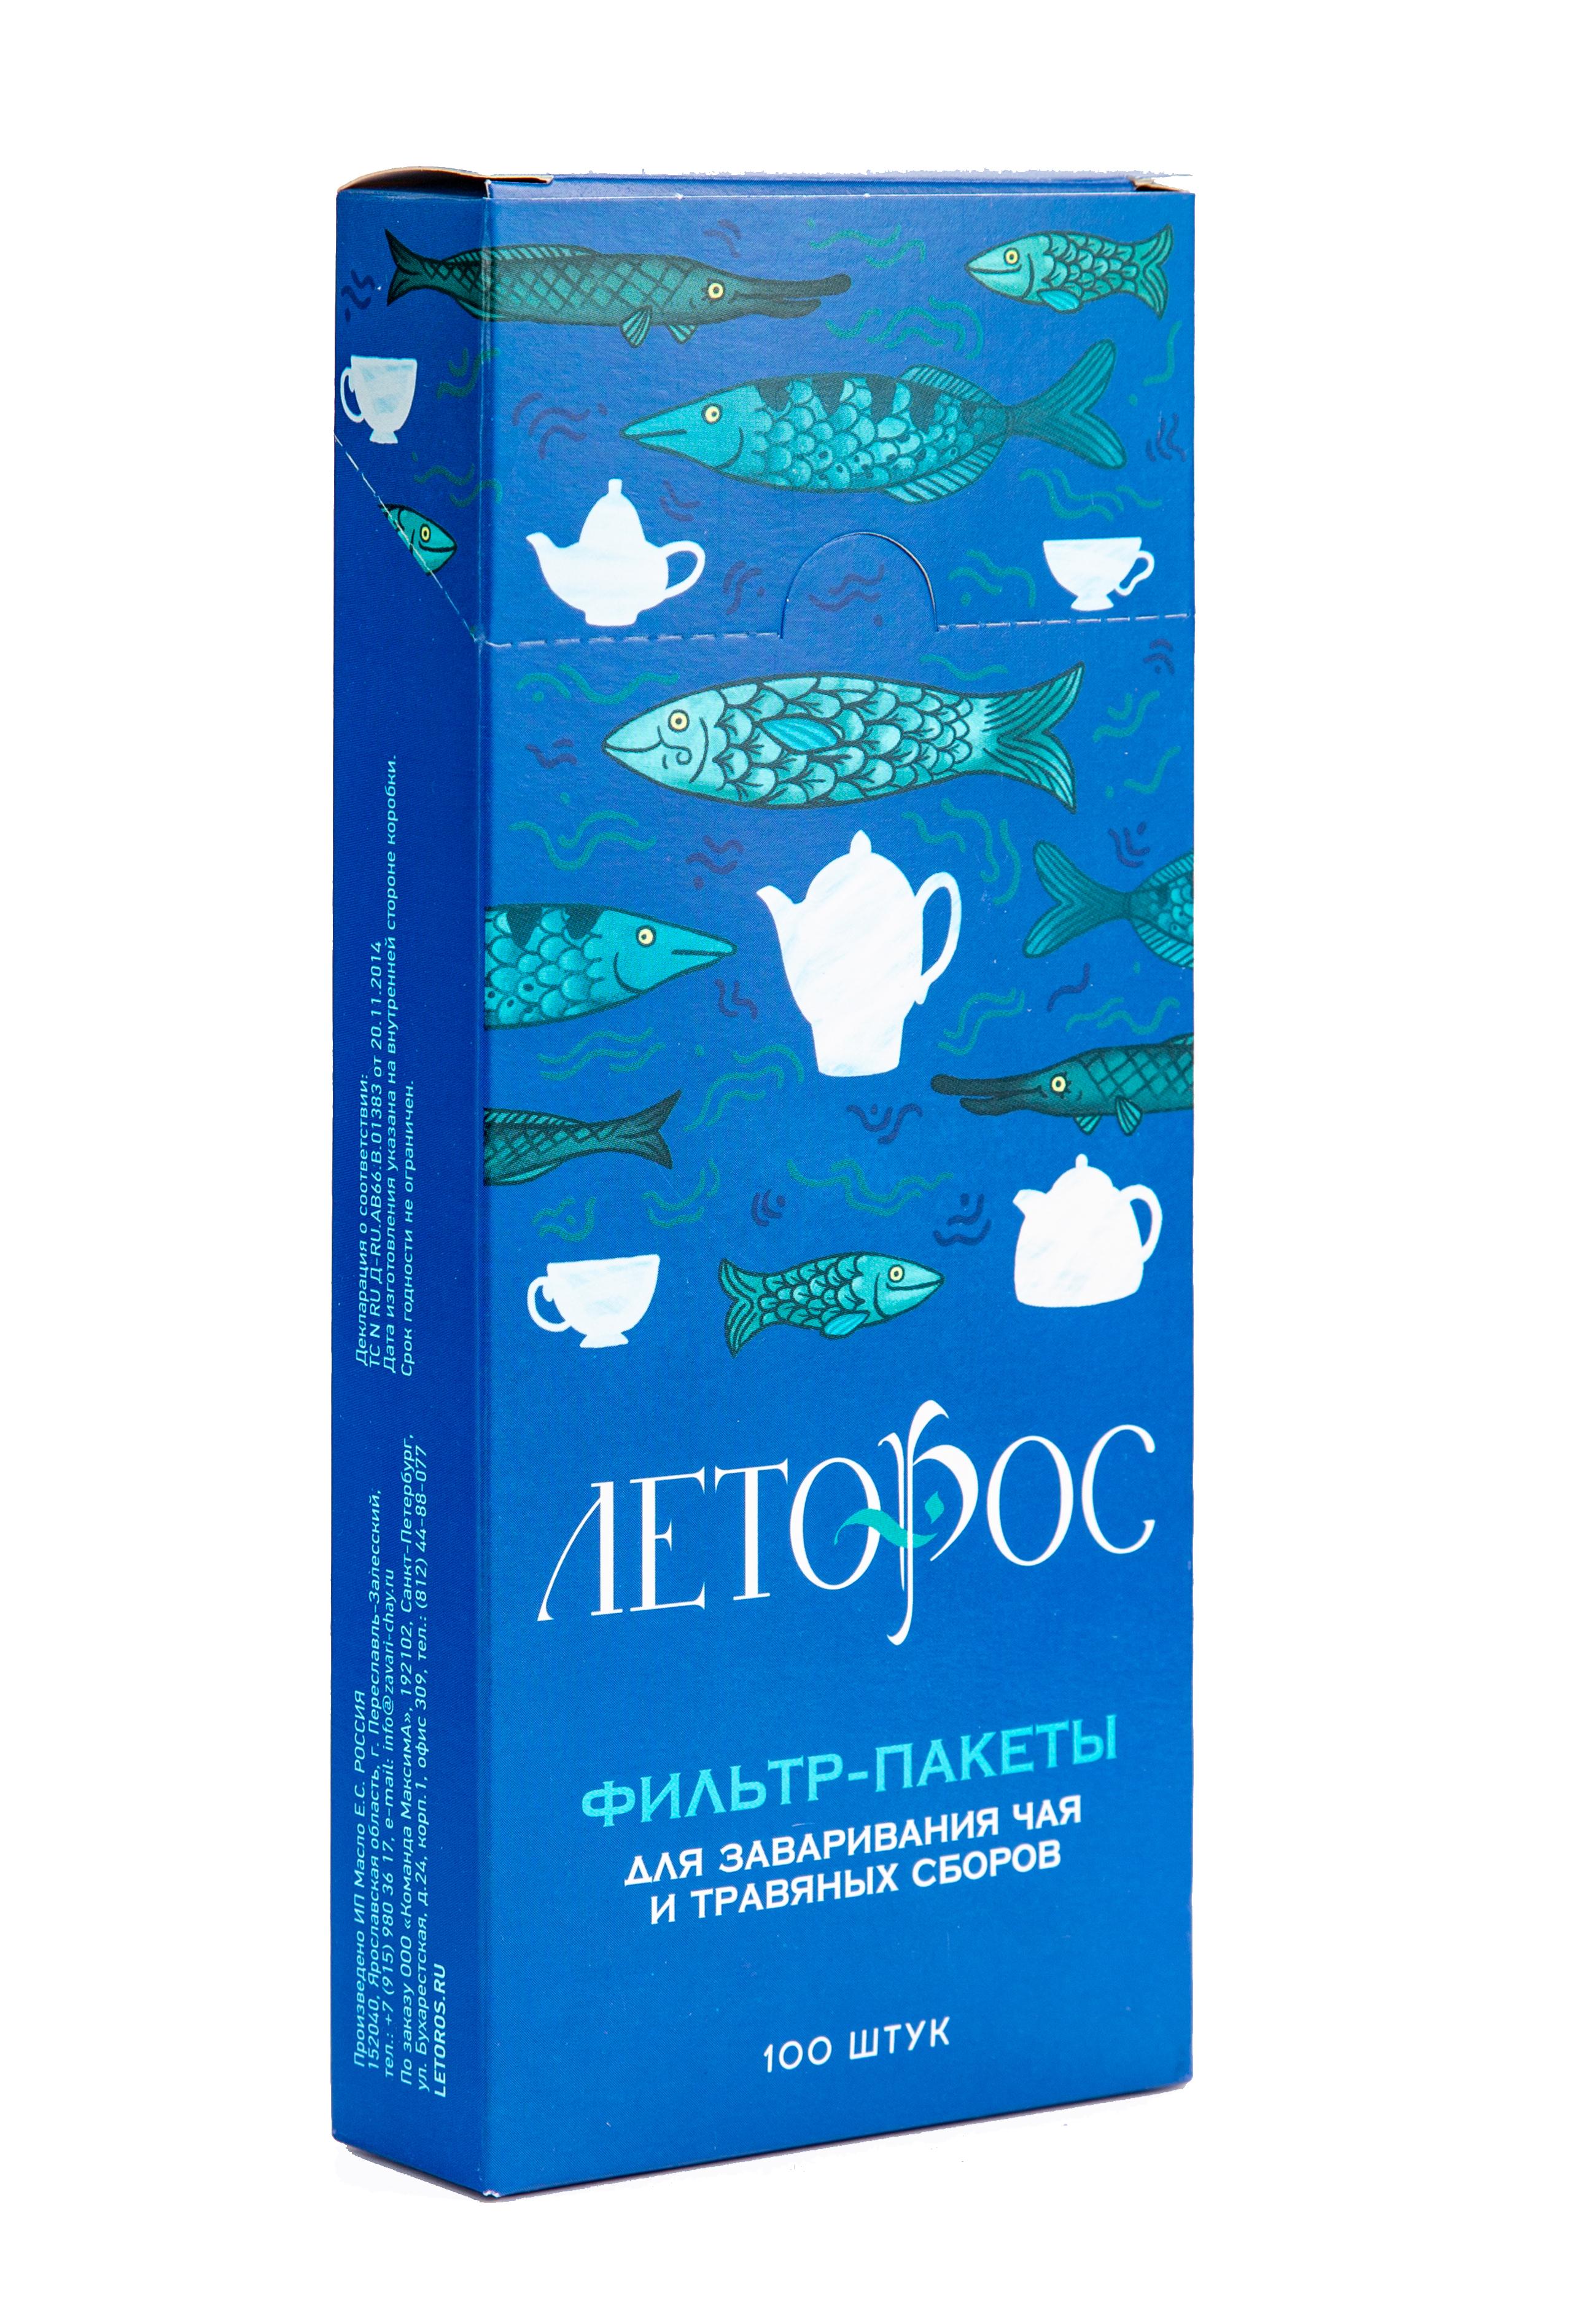 Фильтр для заваривания чая ЛЕТОРОС Фильтр-пакеты для заваривания чая и трав